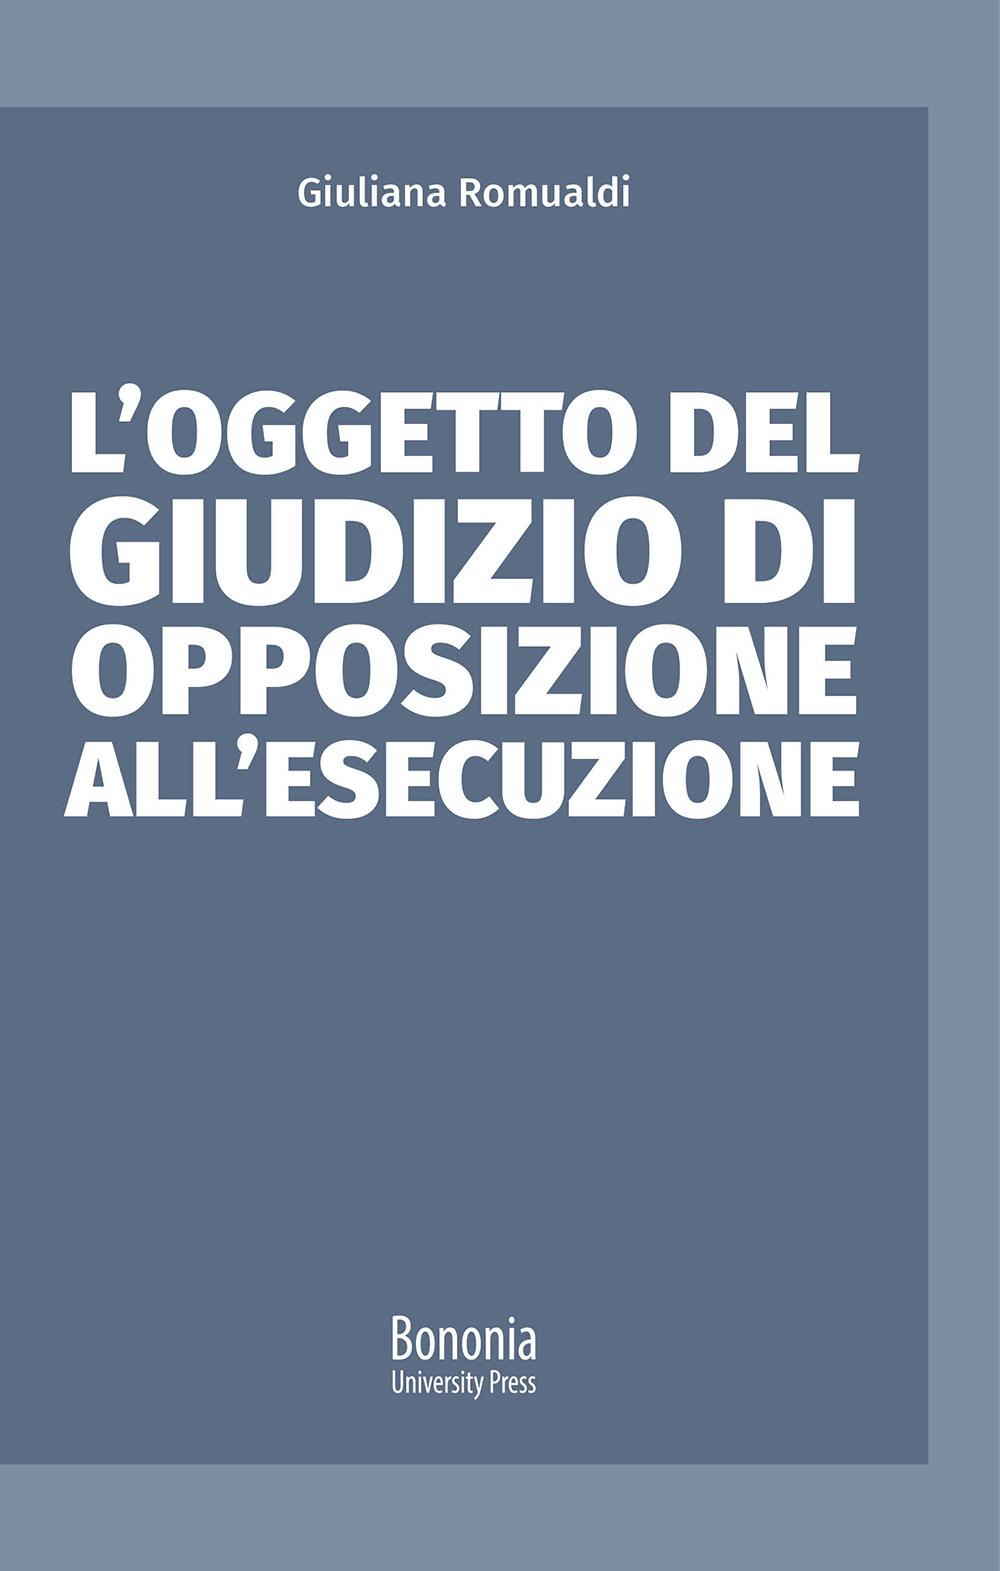 L'oggetto del giudizio di opposizione all'esecuzione - Bononia University Press